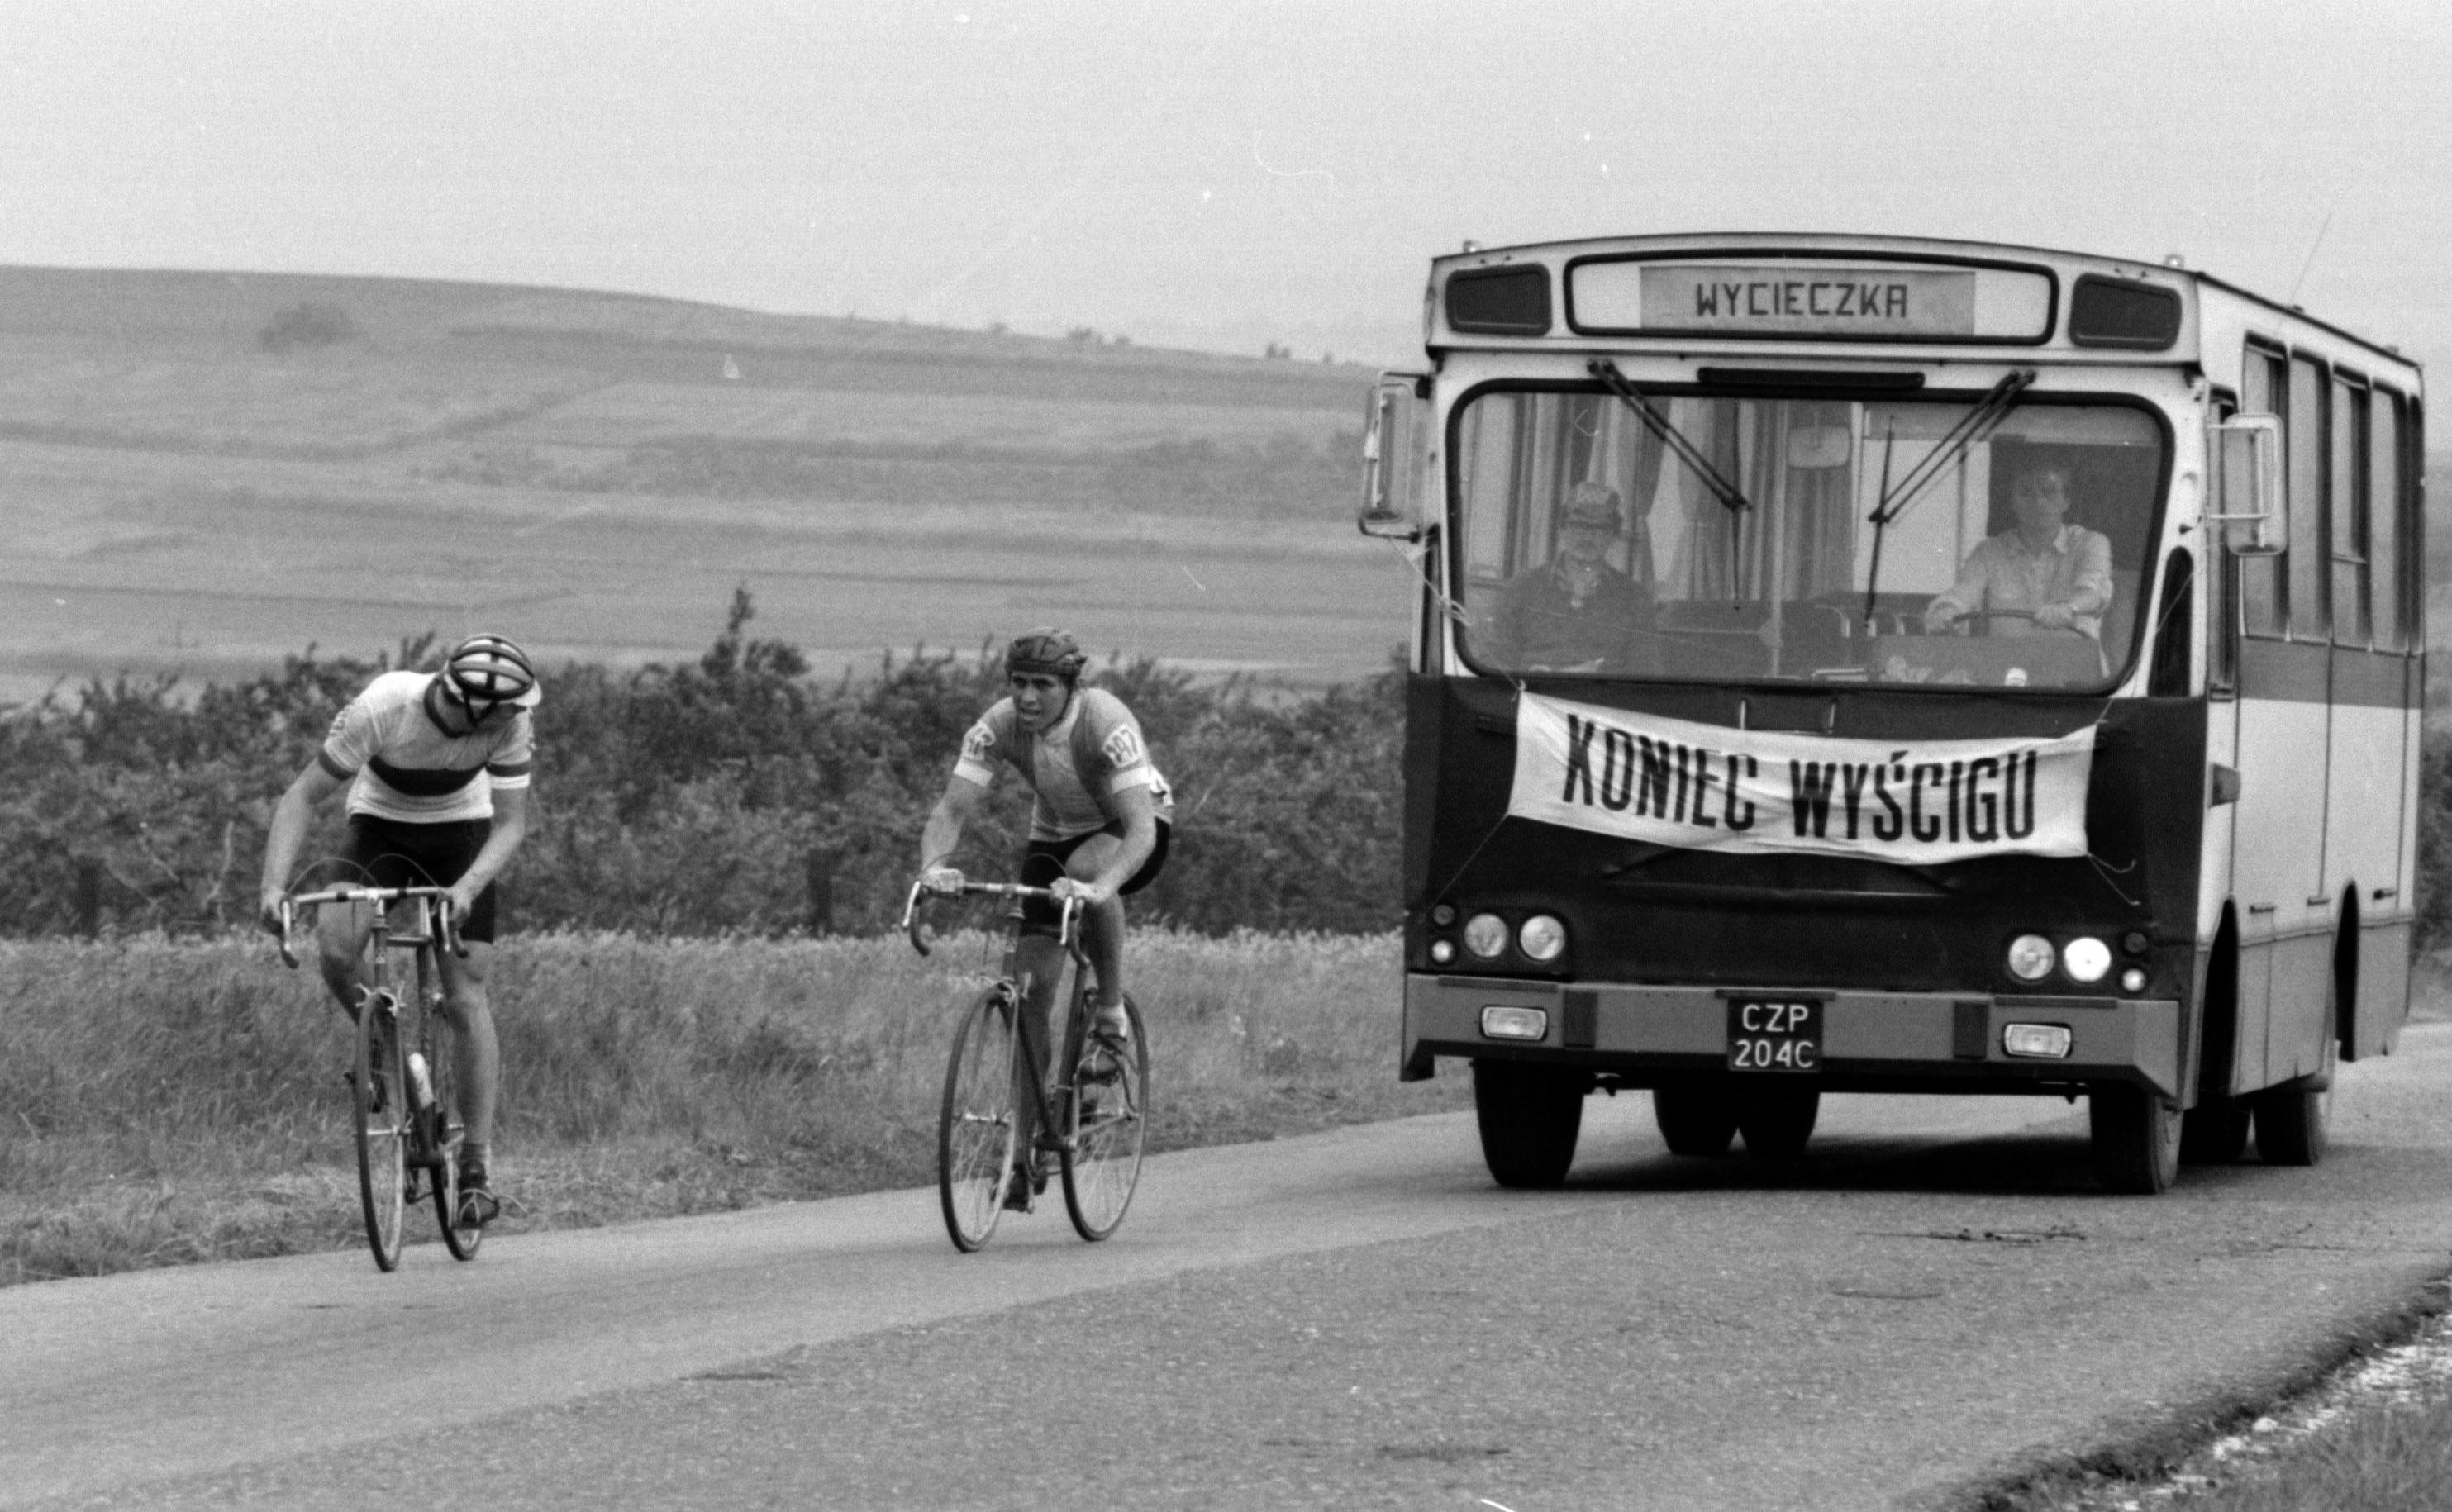 Czestochowa Mistrzostwa Polski seniorow w kolarstwie szosowym 1984 r.Autobus z napisem koniec wyscigu. Fot. Jan Rozmarynowski /Forum